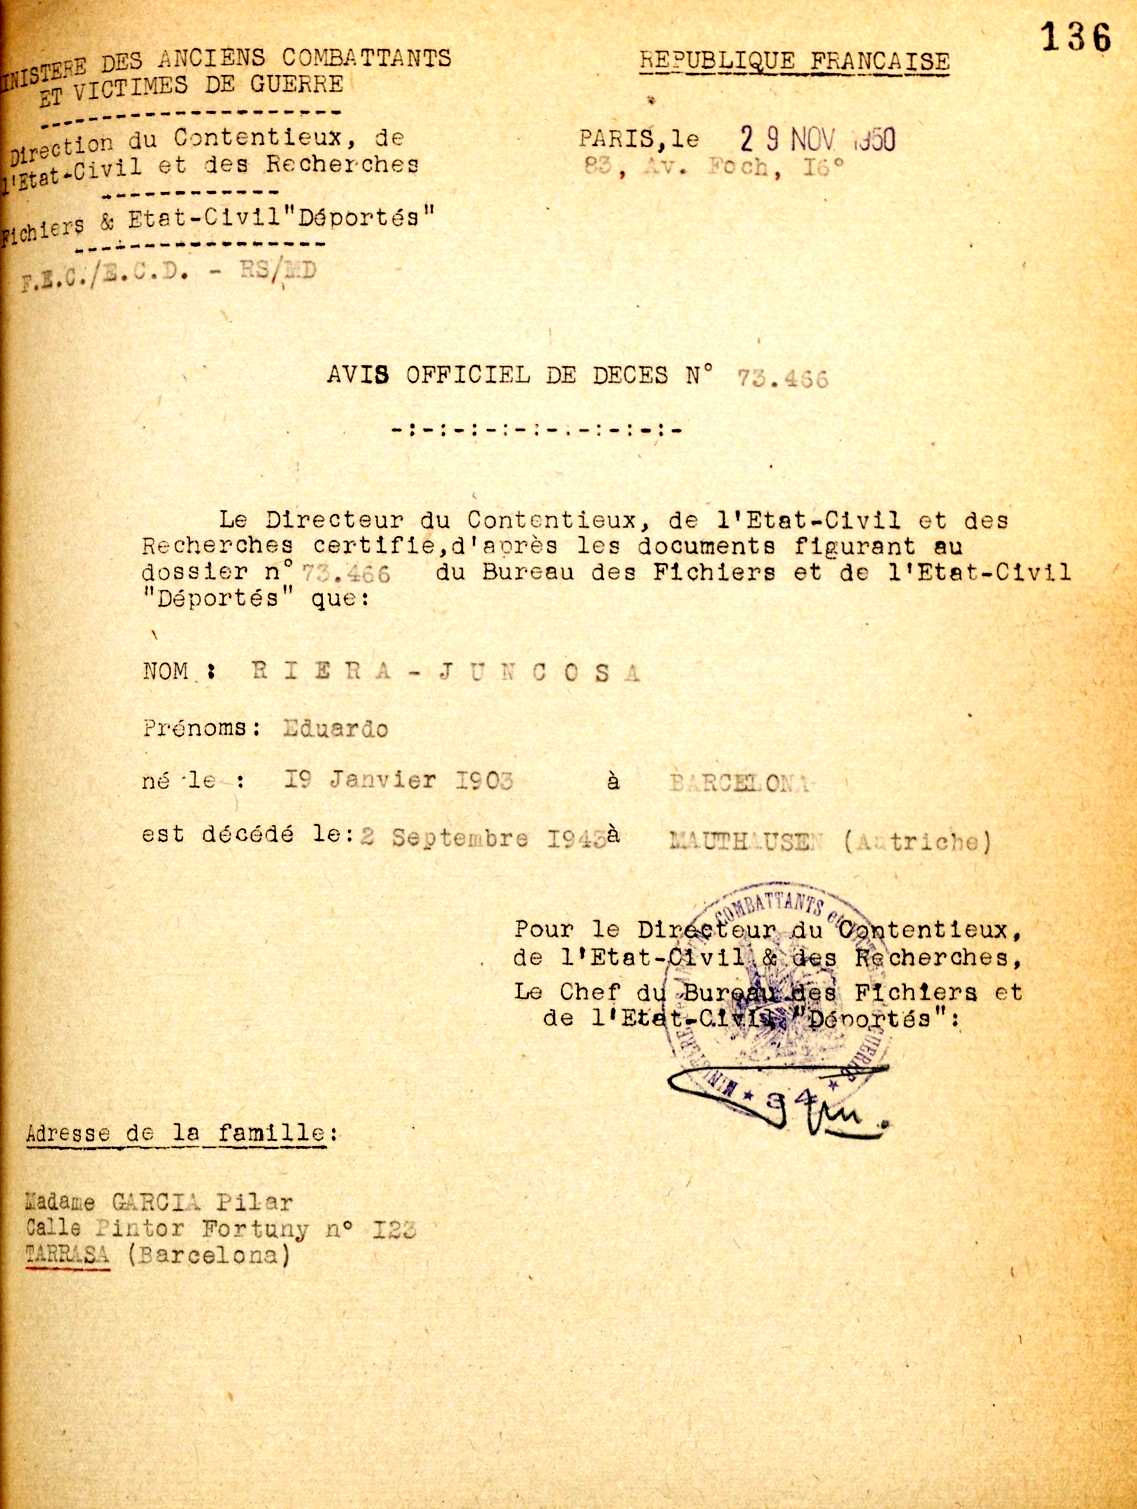 Certificat de defunció d'Eduard Riera Juncosa del registre de deportats